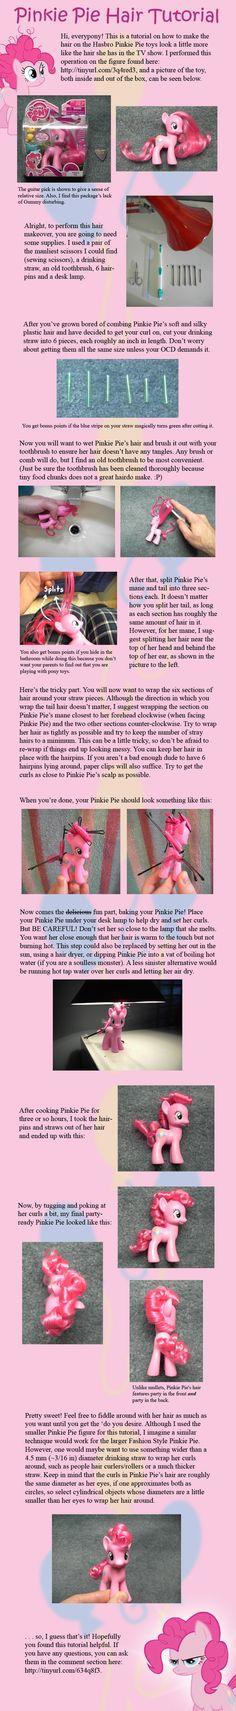 Pinkie Pie Hair Tutorial